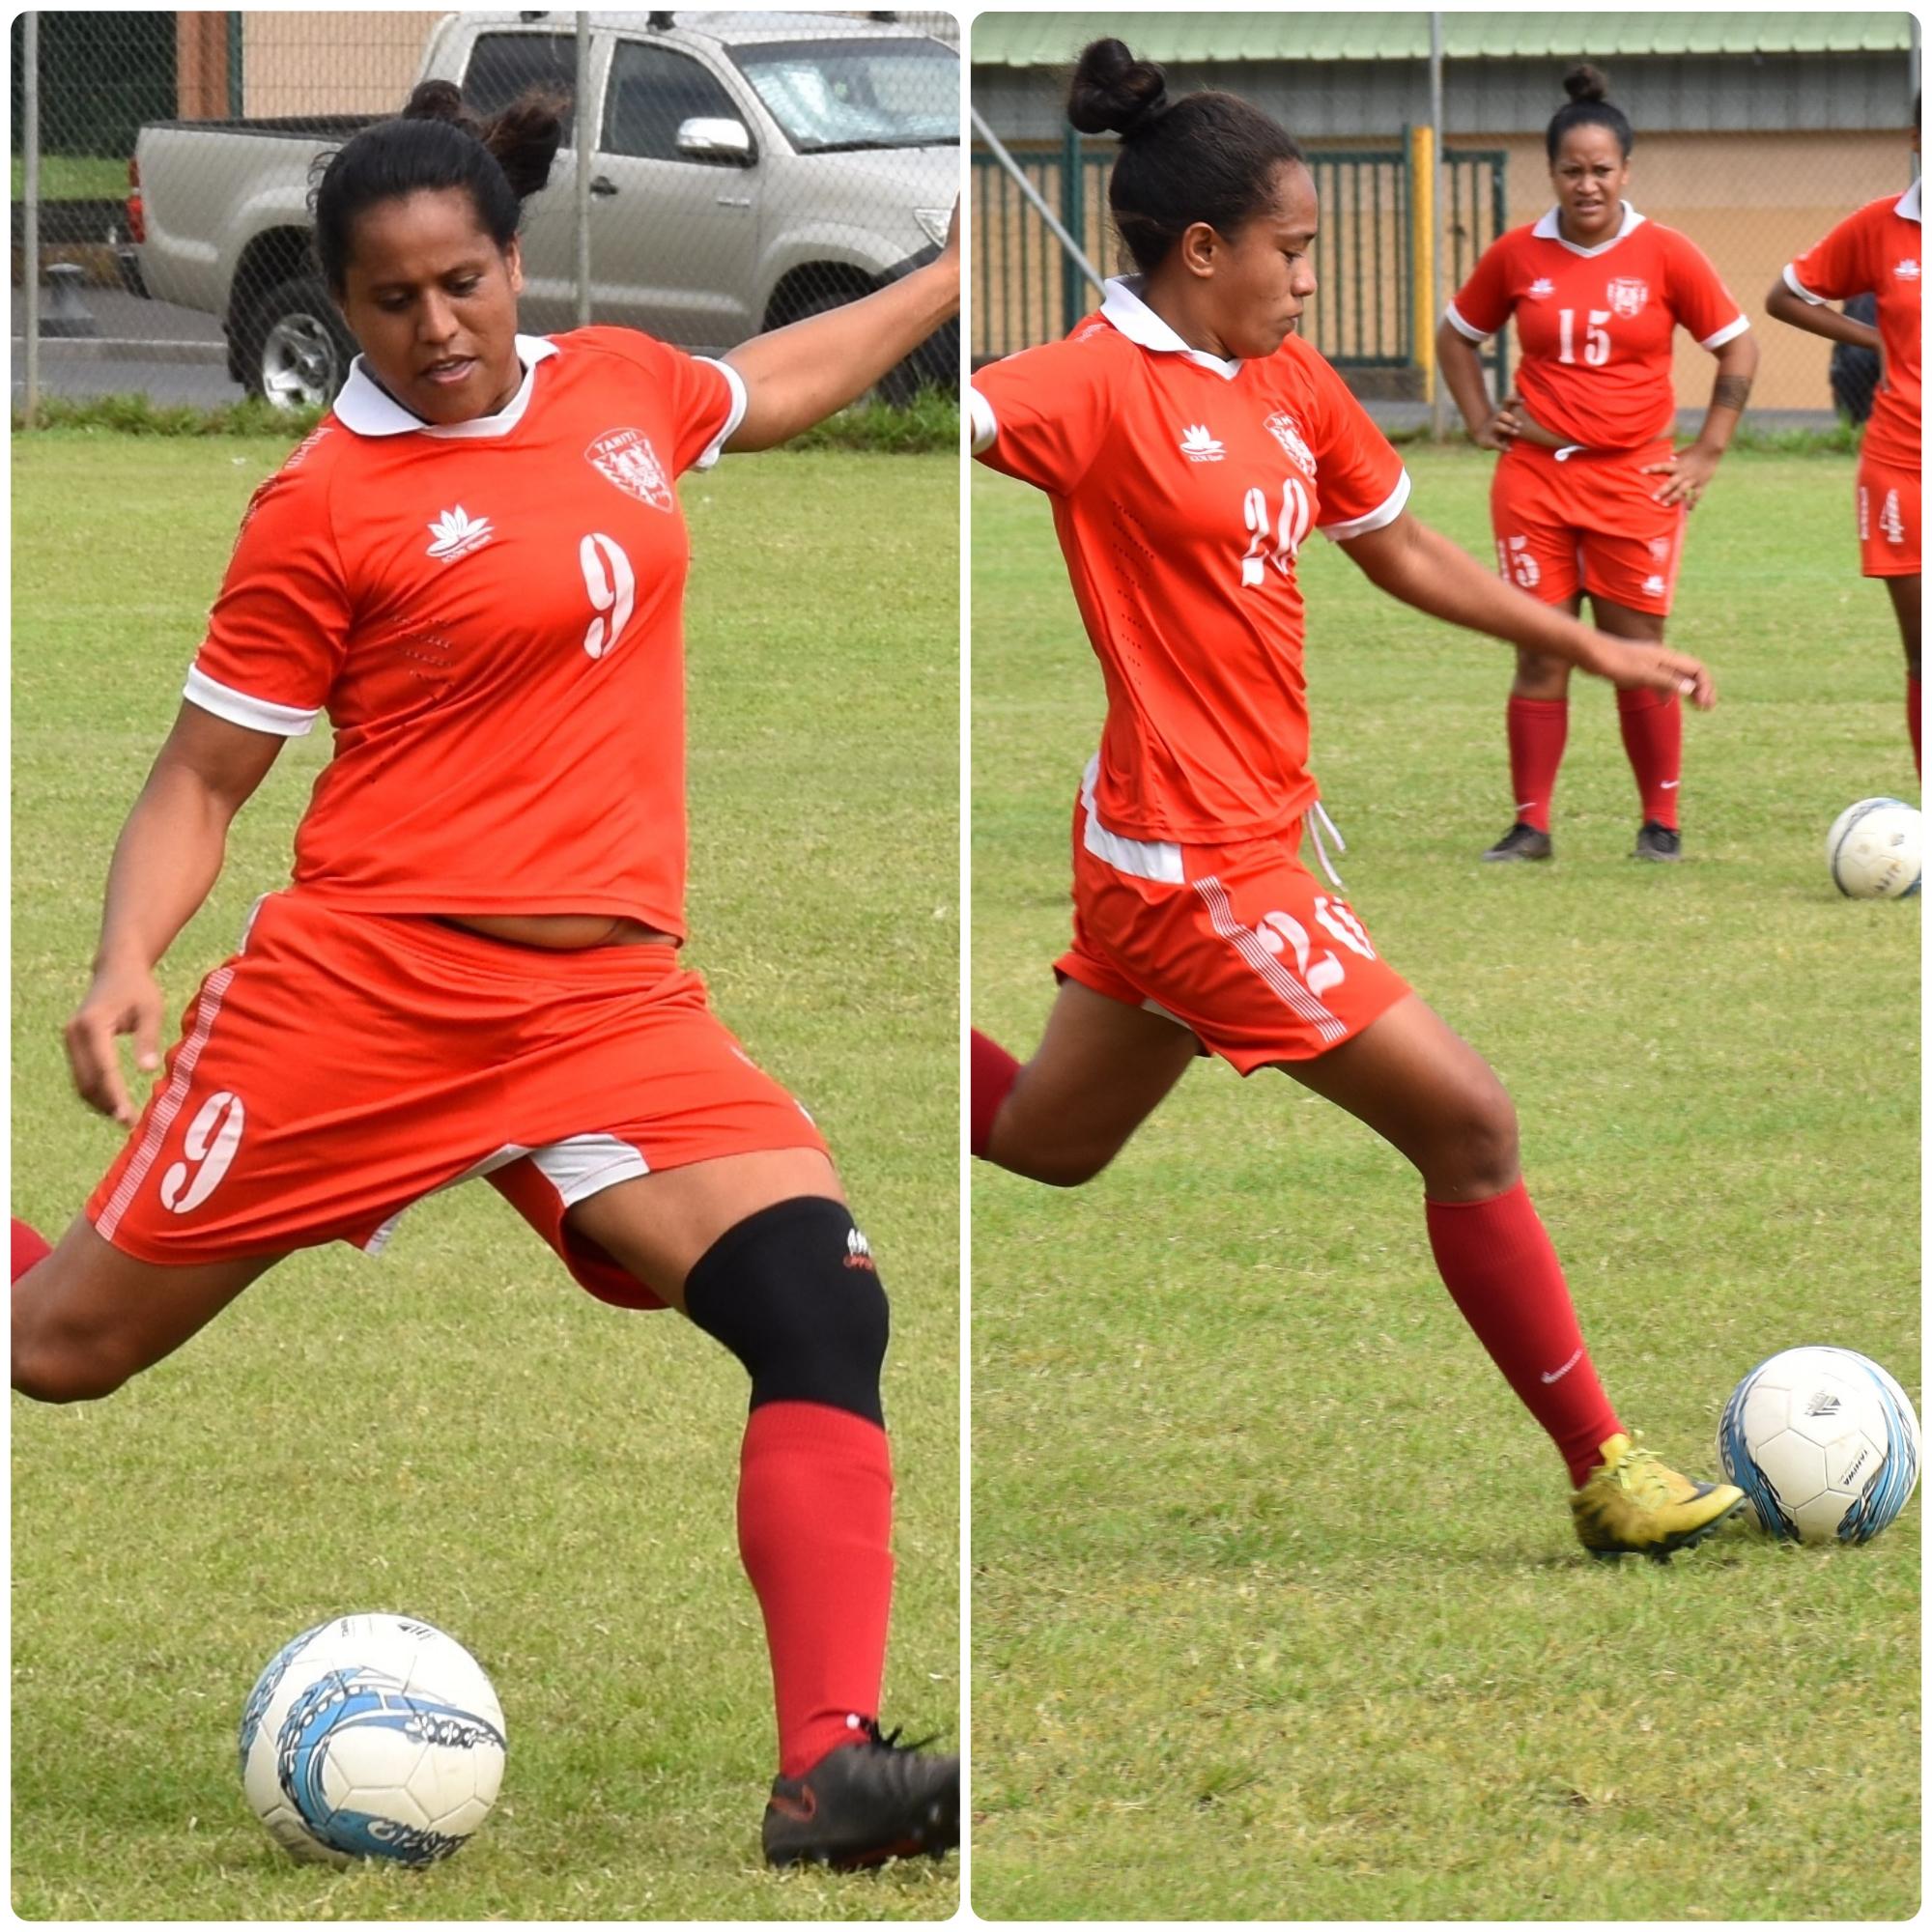 Heimiri Alvarez (à gauche), et Hioe Ninauea (à droite) font partie des têtes d'affiches du football féminin à Tahiti.